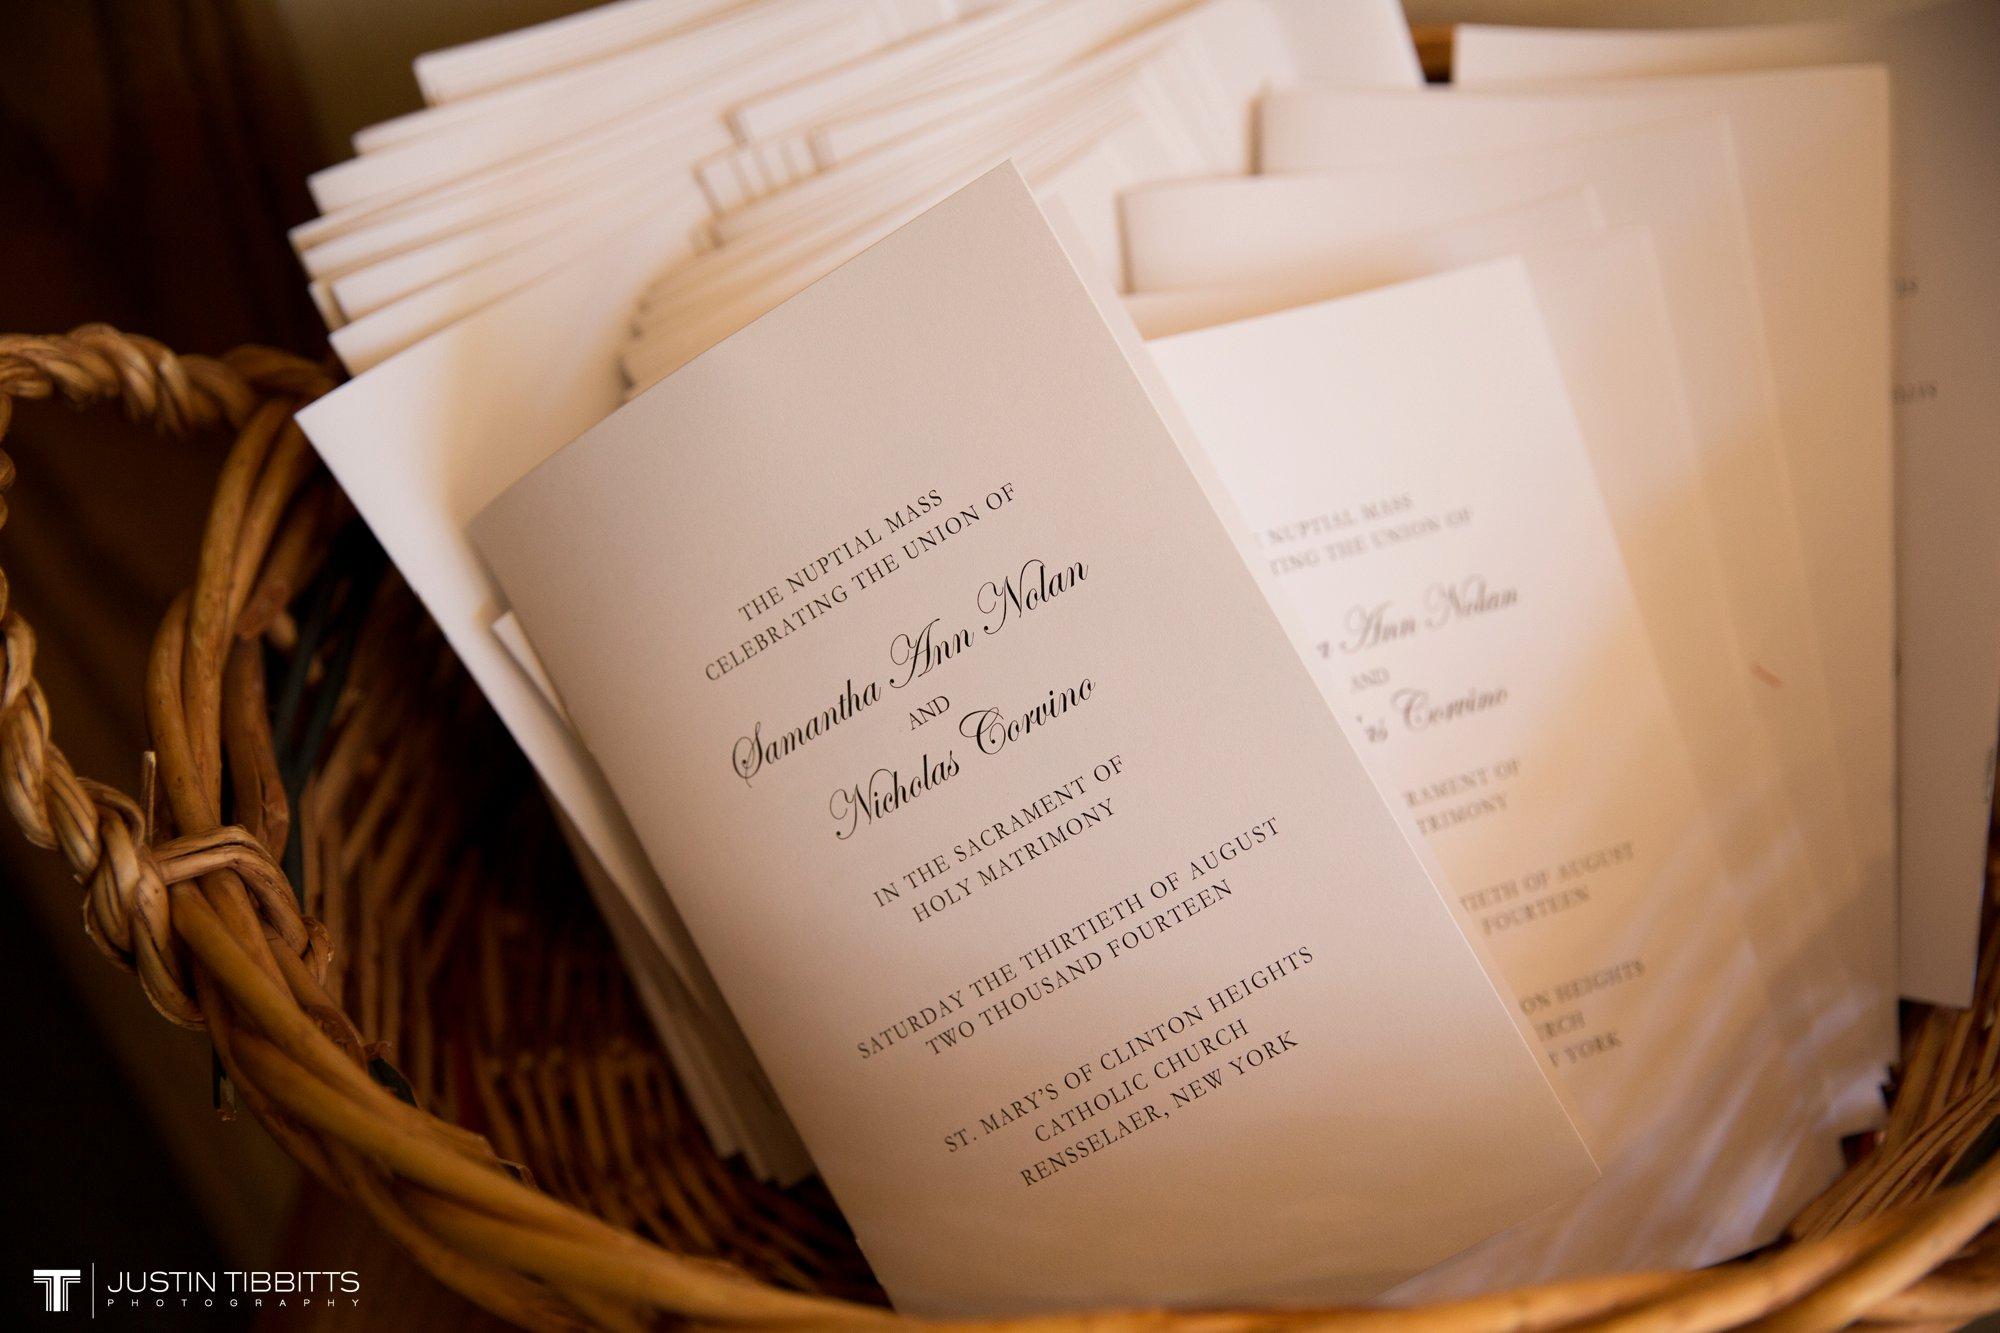 Albany NY Wedding Photographer Justin Tibbitts Photography 2014 Best of Albany NY Weddings-239481011142031